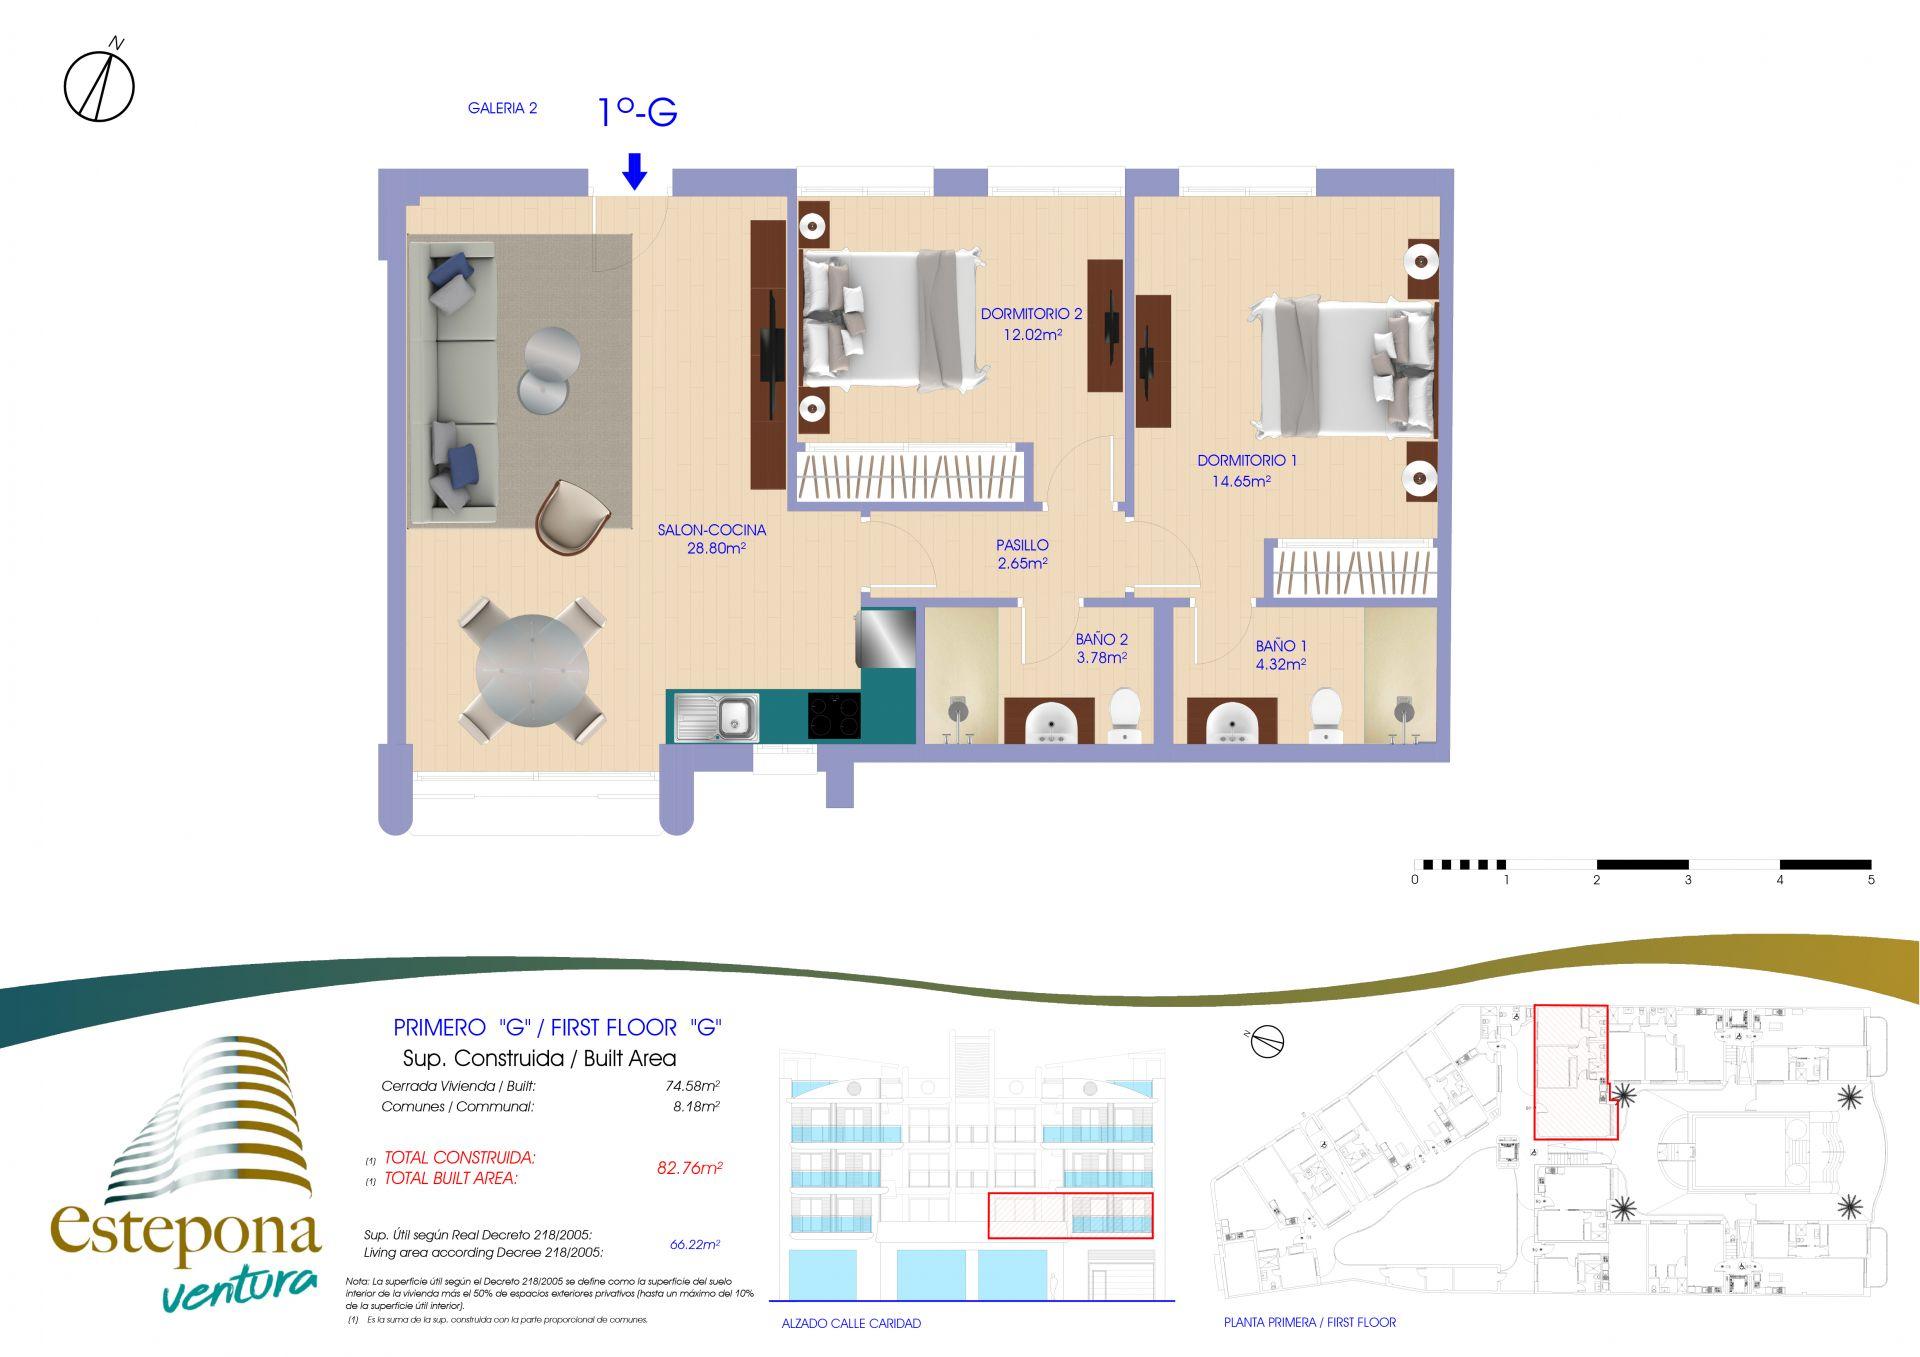 20201221 1º G  - Ventura Estepona | Compra de casa en Estepona